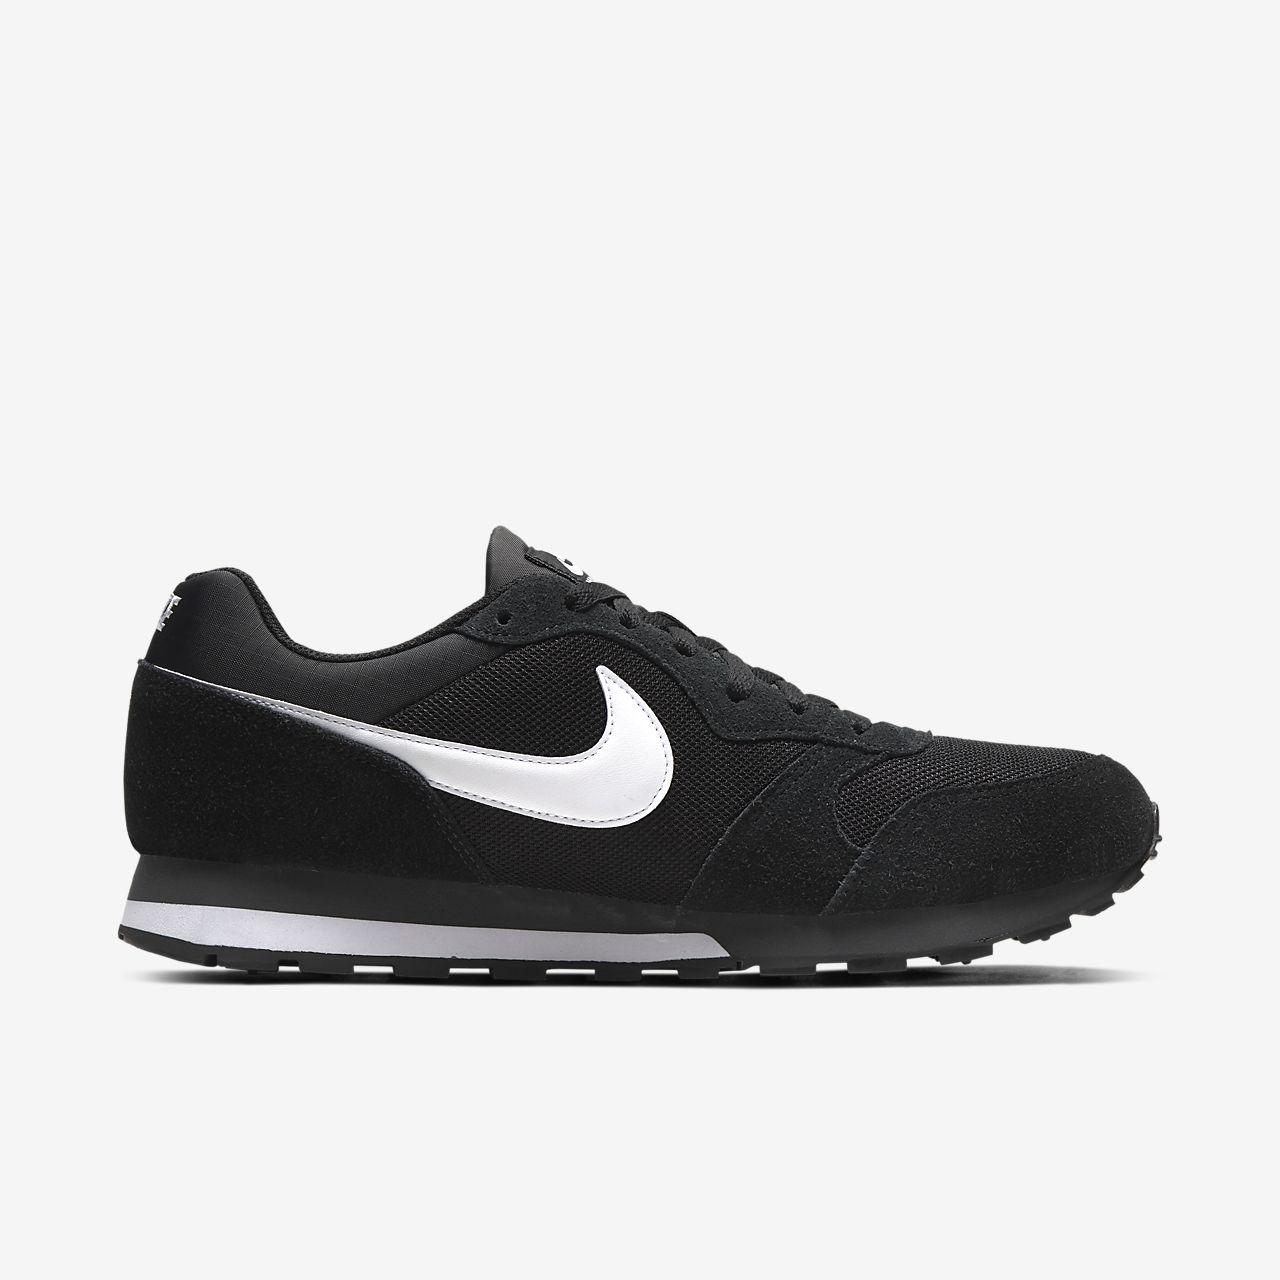 21e31c79fda Nike MD Runner 2 Men s Shoe. Nike.com GB